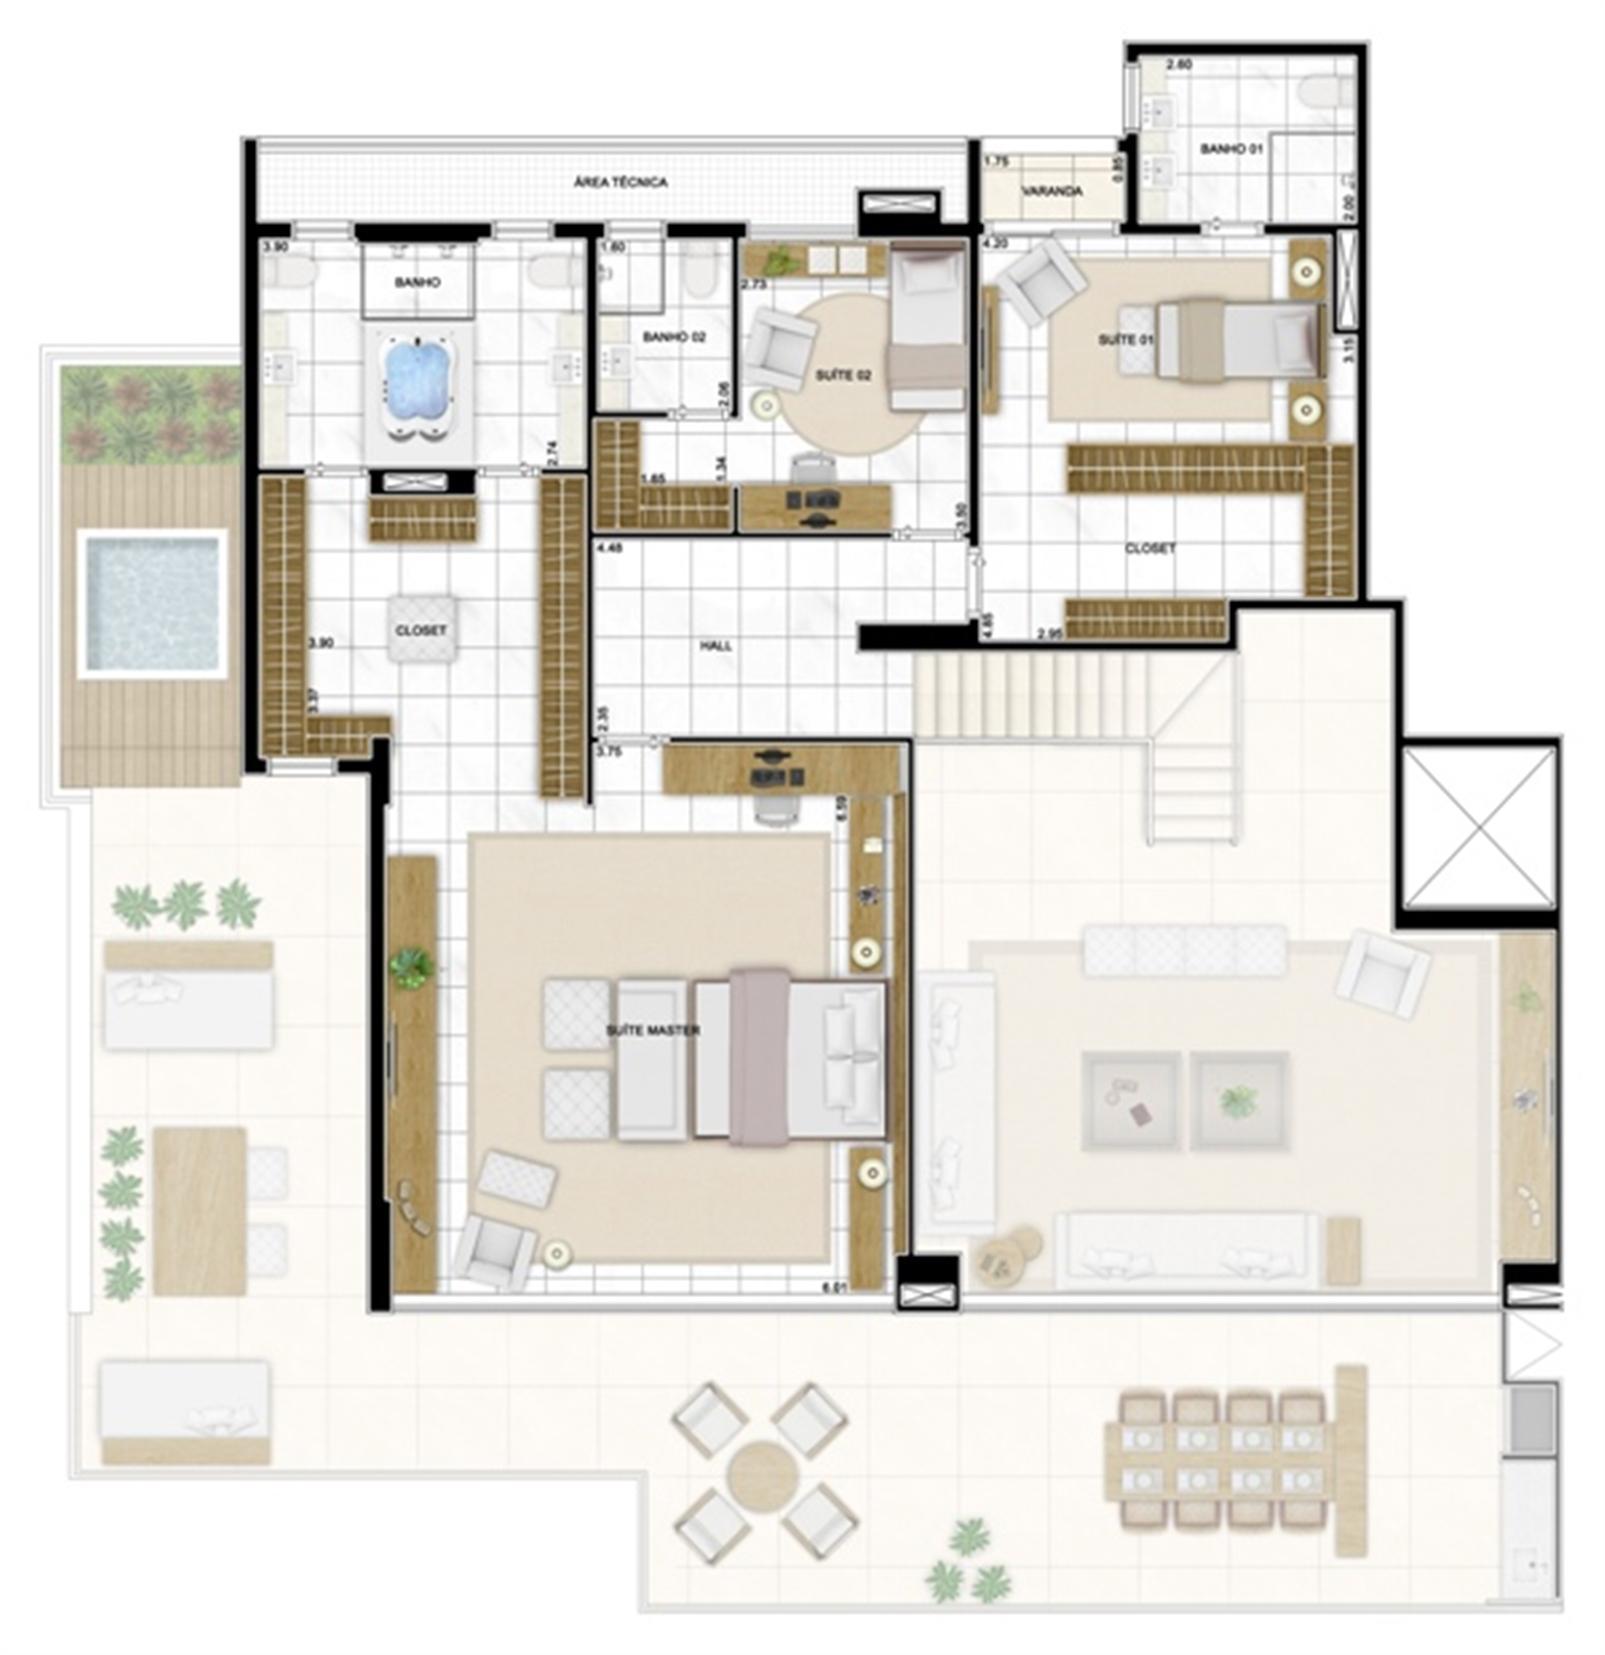 Planta Duplex Superior 422m² | Infinity Areia Preta – Apartamentona  Areia Preta - Natal - Rio Grande do Norte